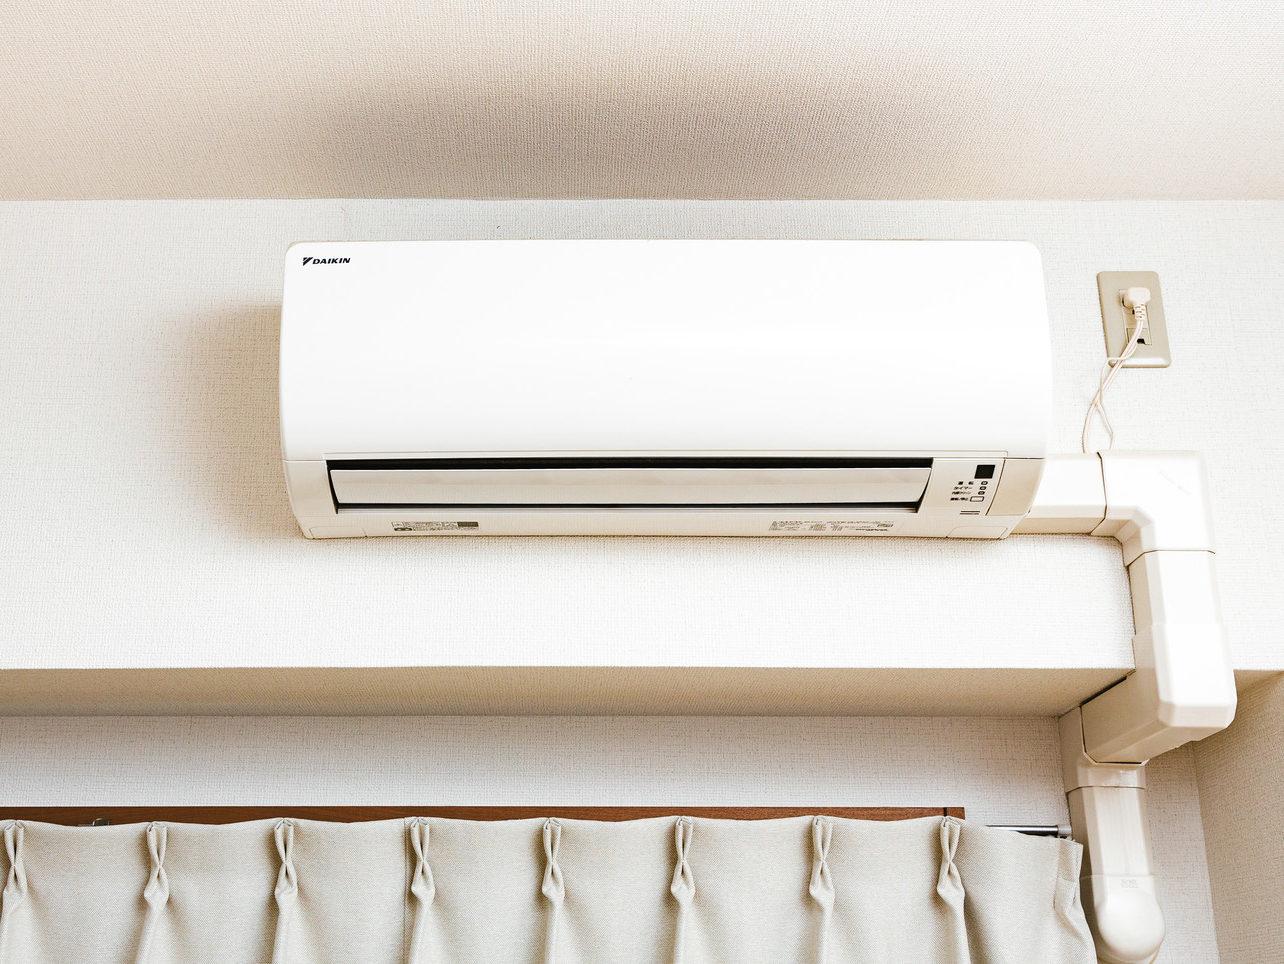 eakon isetu e1629884014115 - ルームエアコン移設対応 | 女子でもできる自分でエアコンを設置する方法